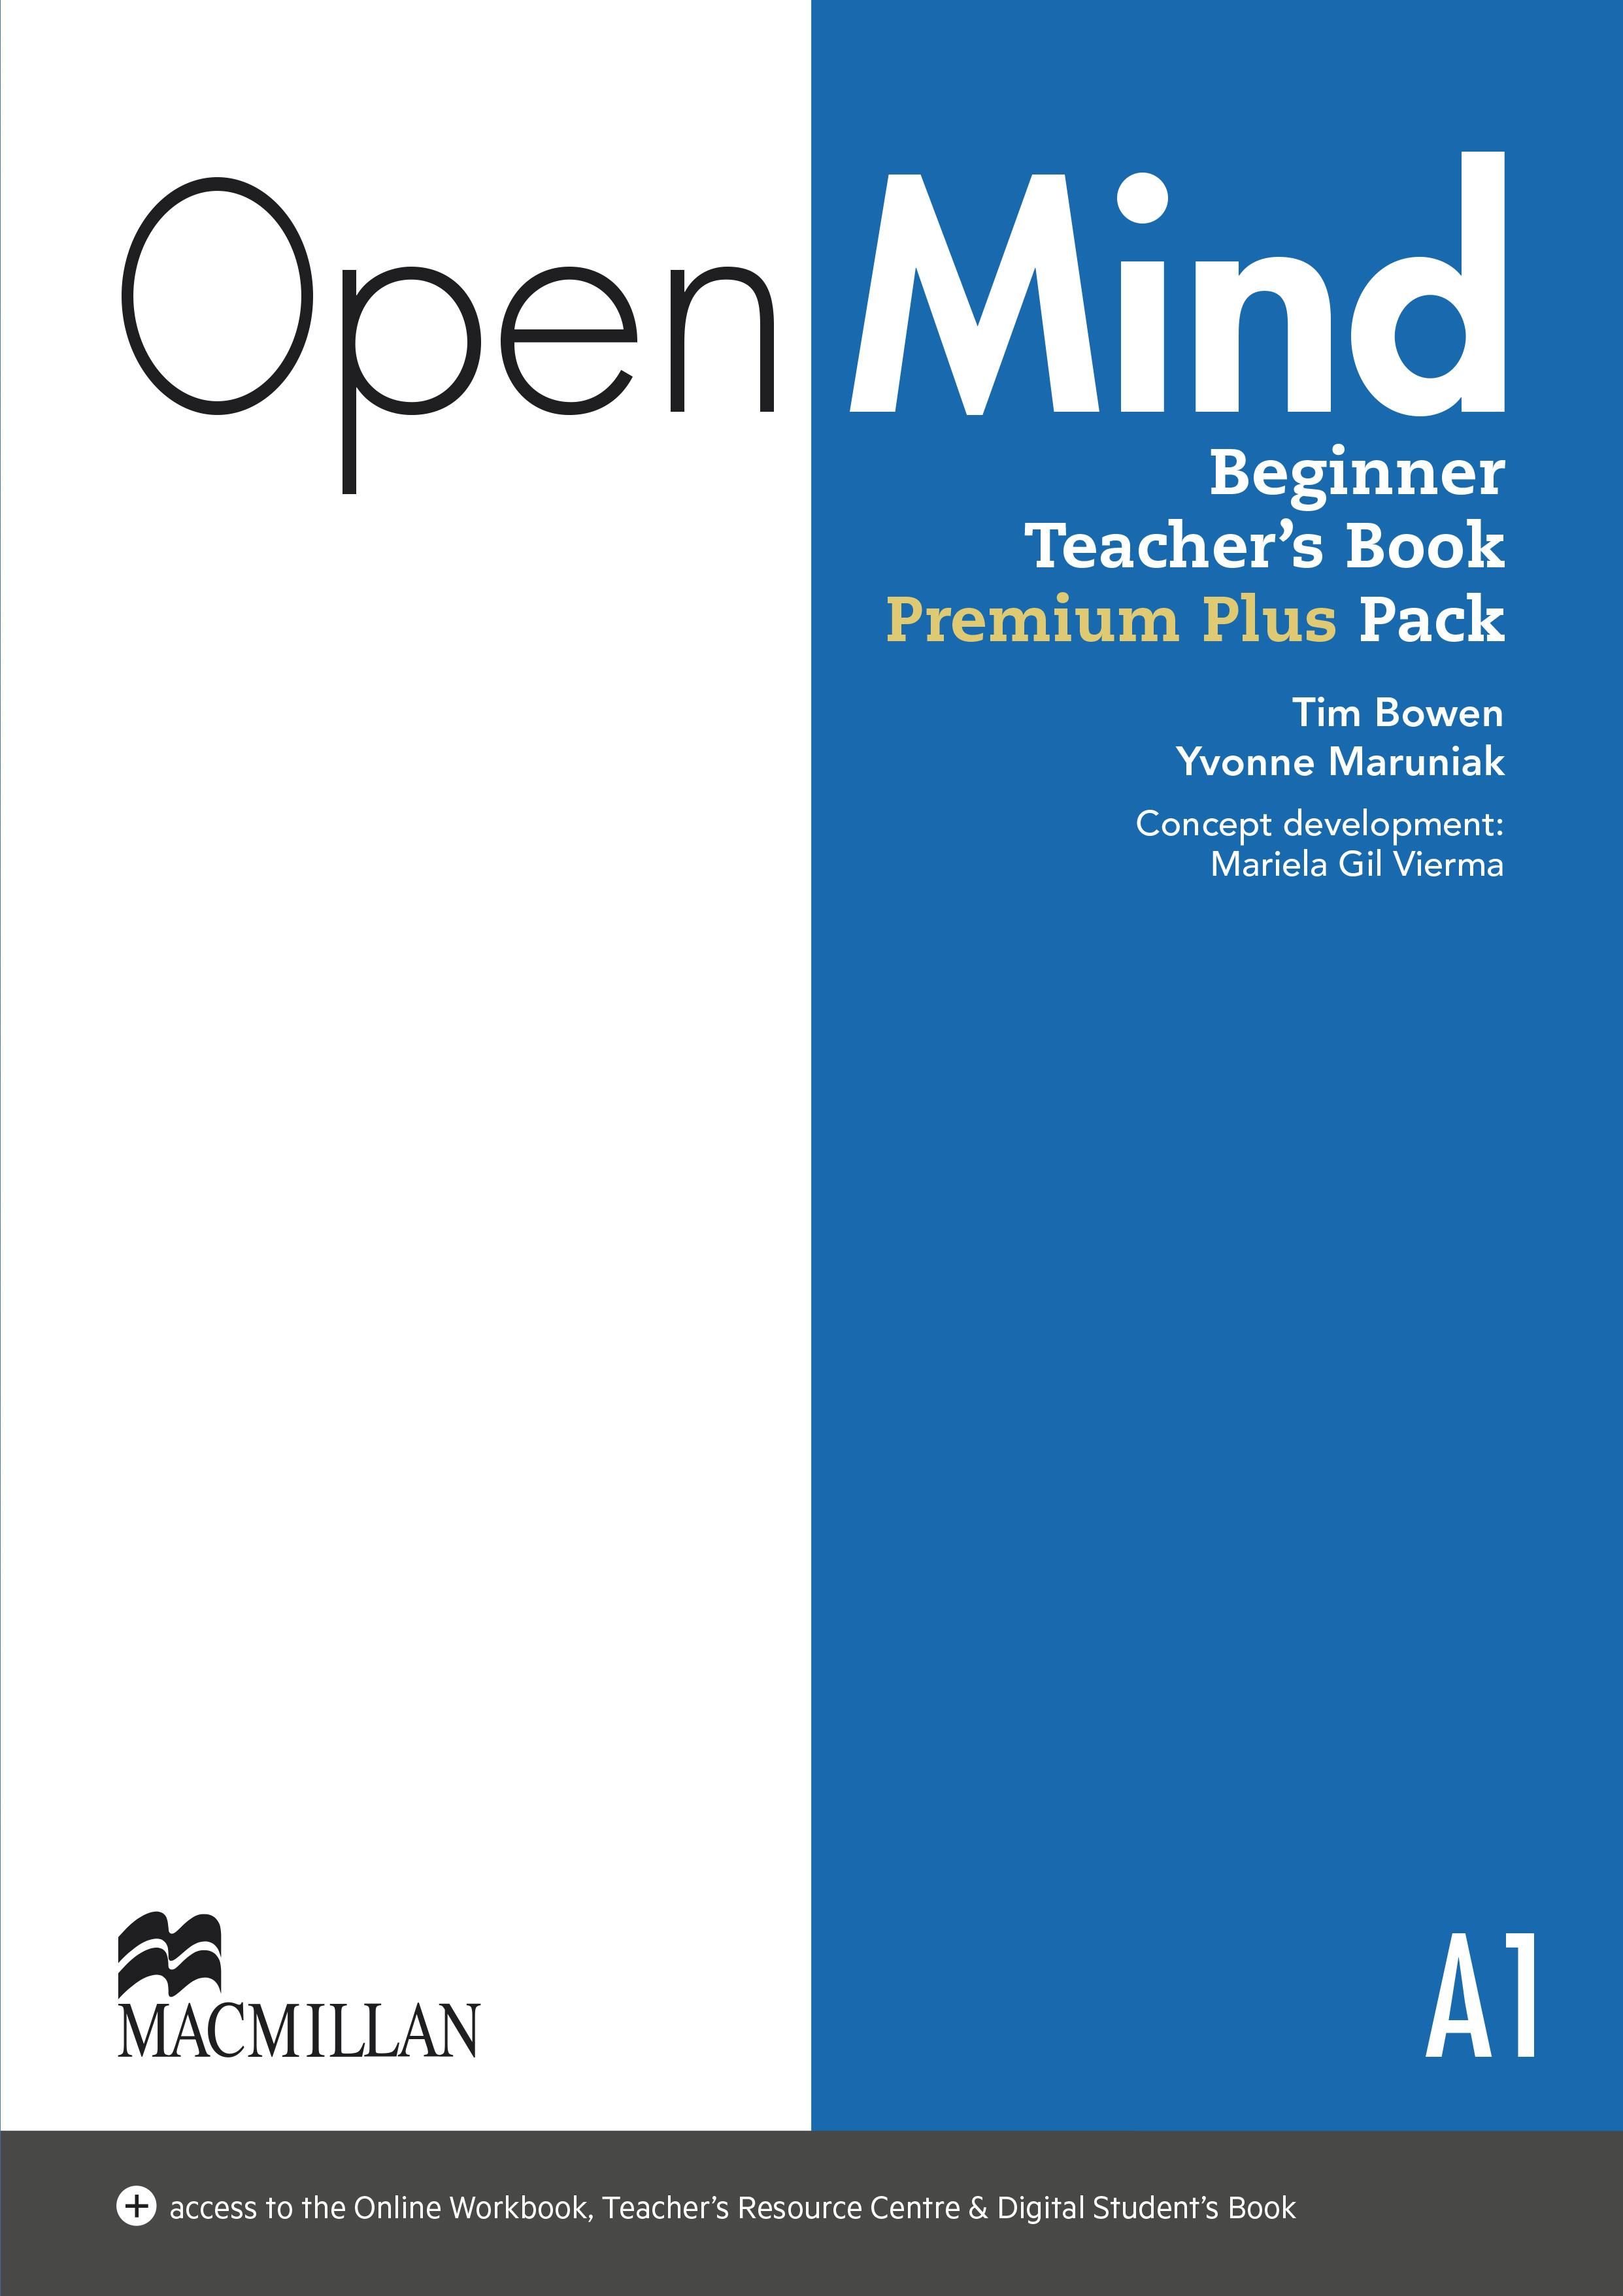 Open Mind Beginner Teacher